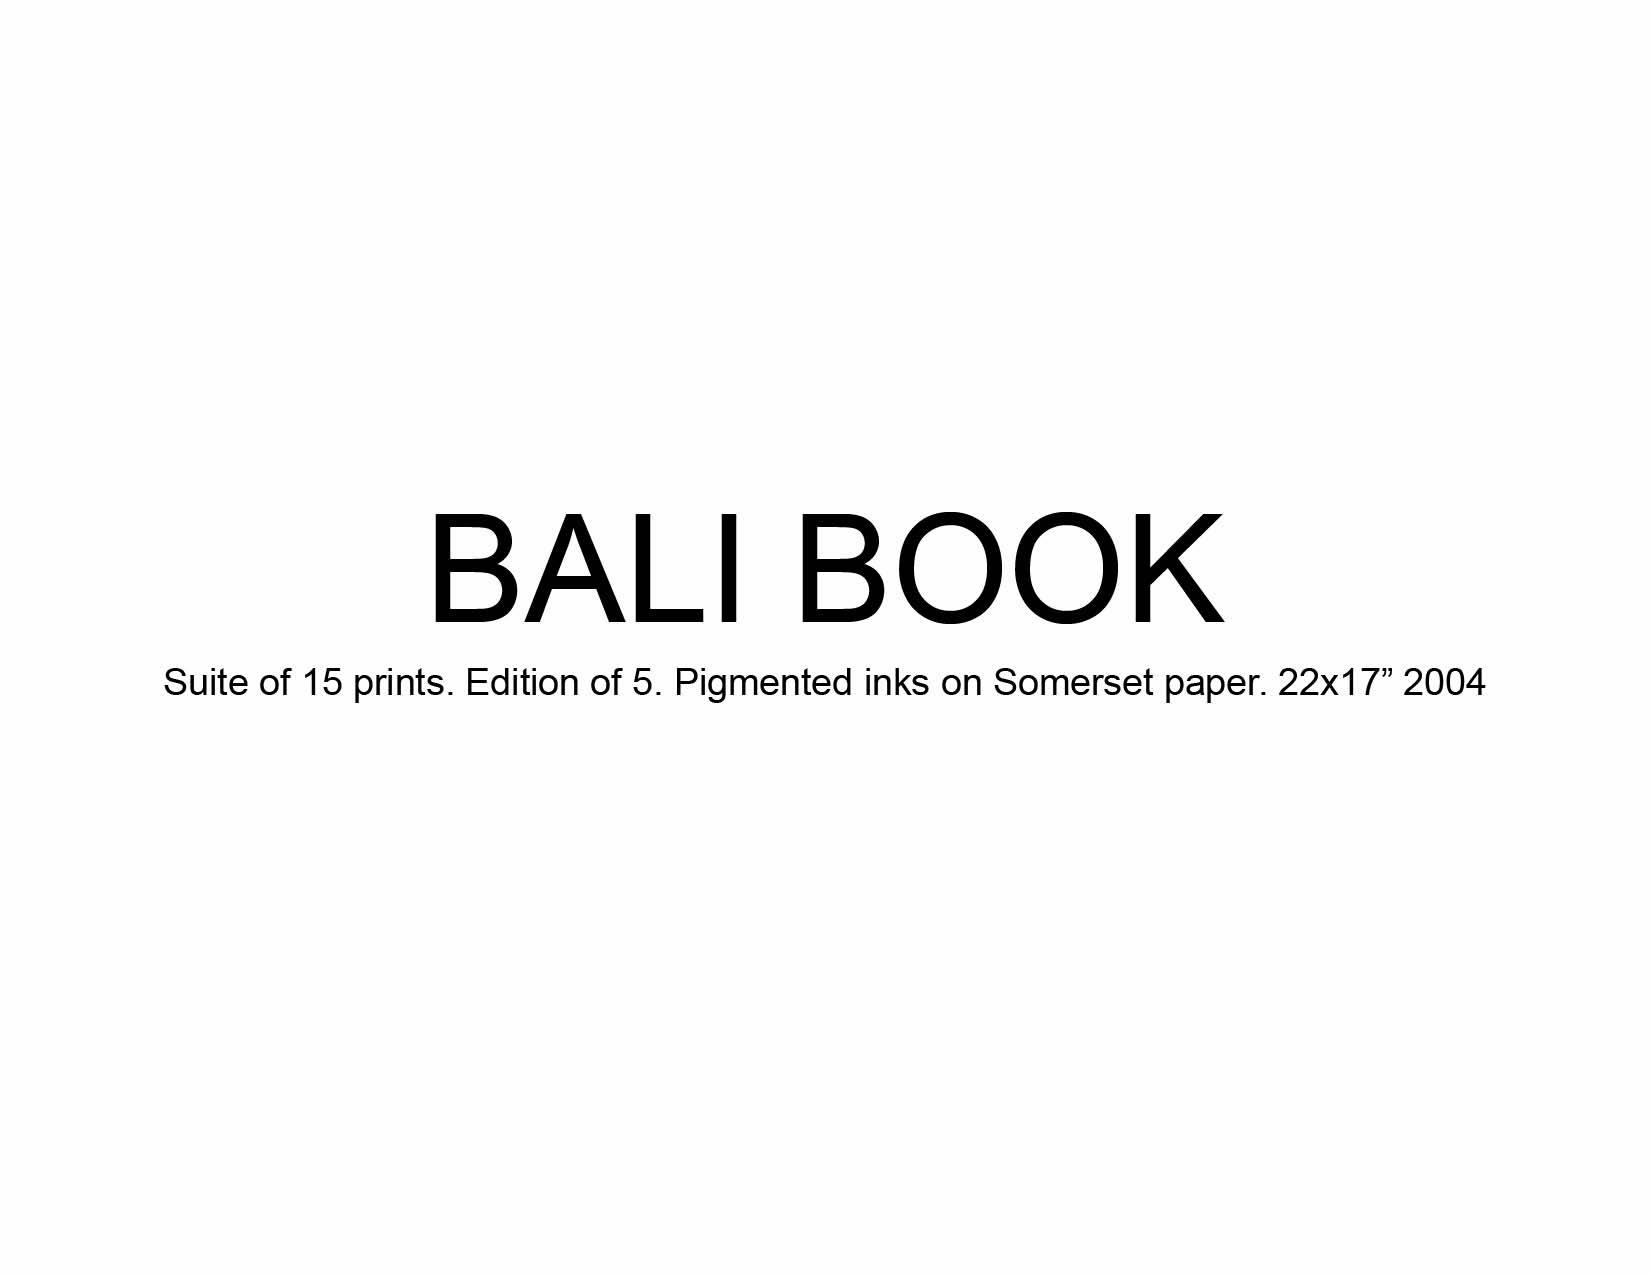 08 Bali Book.jpg